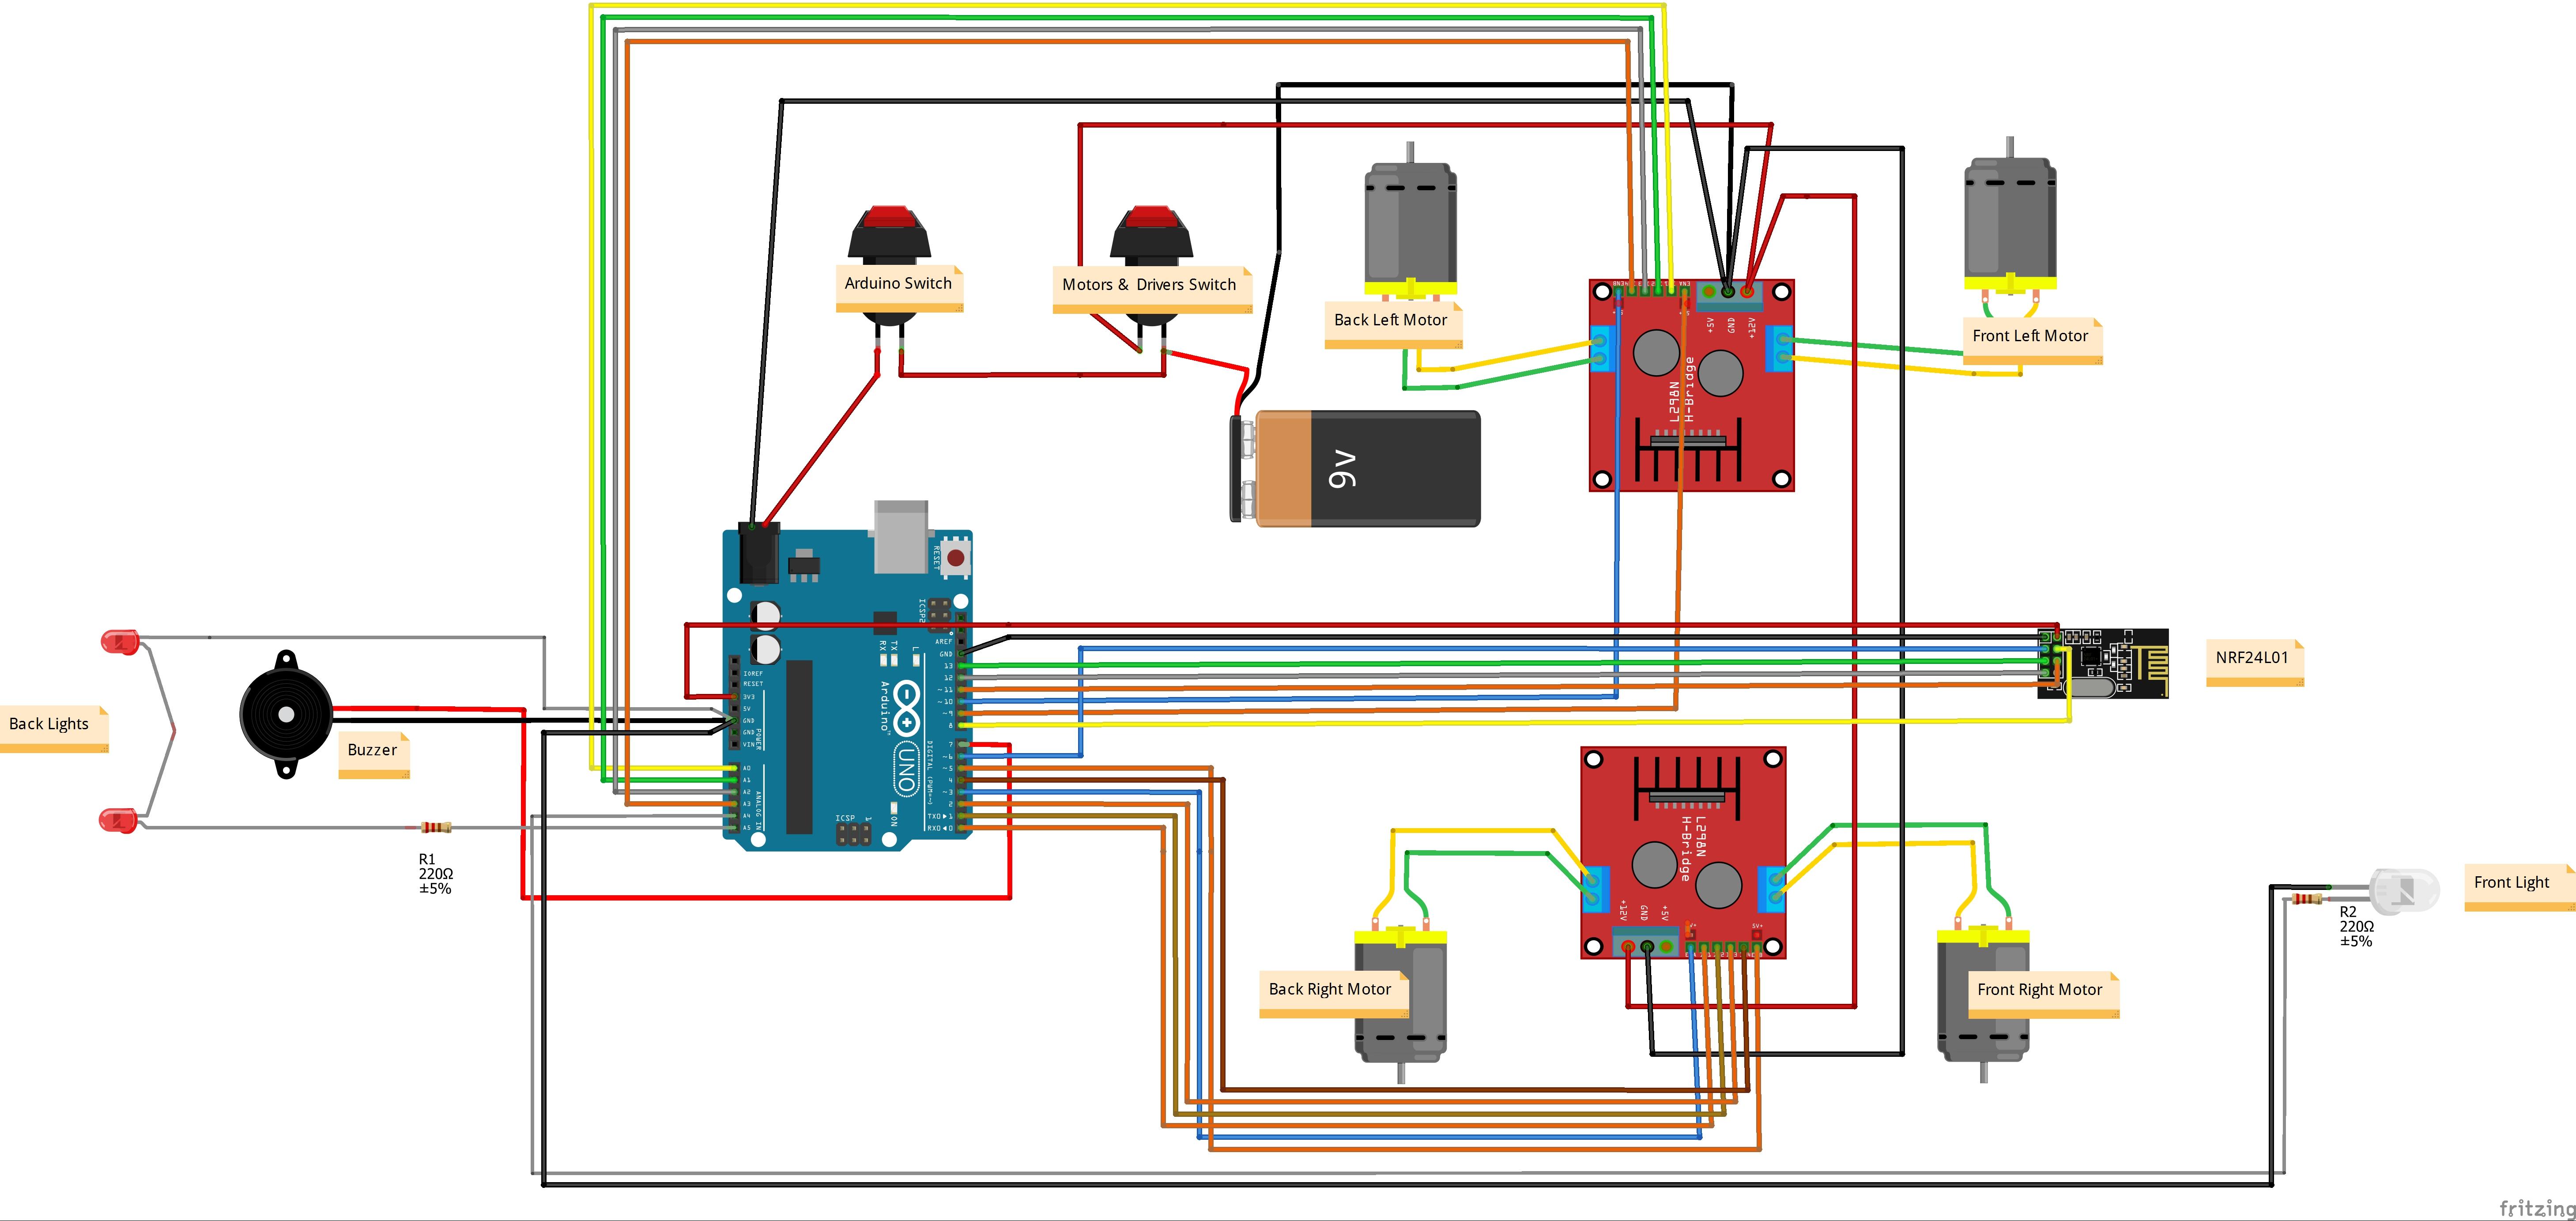 jada rc car wiring diagram electric rc car wiring diagram Electric Rc Car Wiring Diagram rc car wiring schematic data wiring